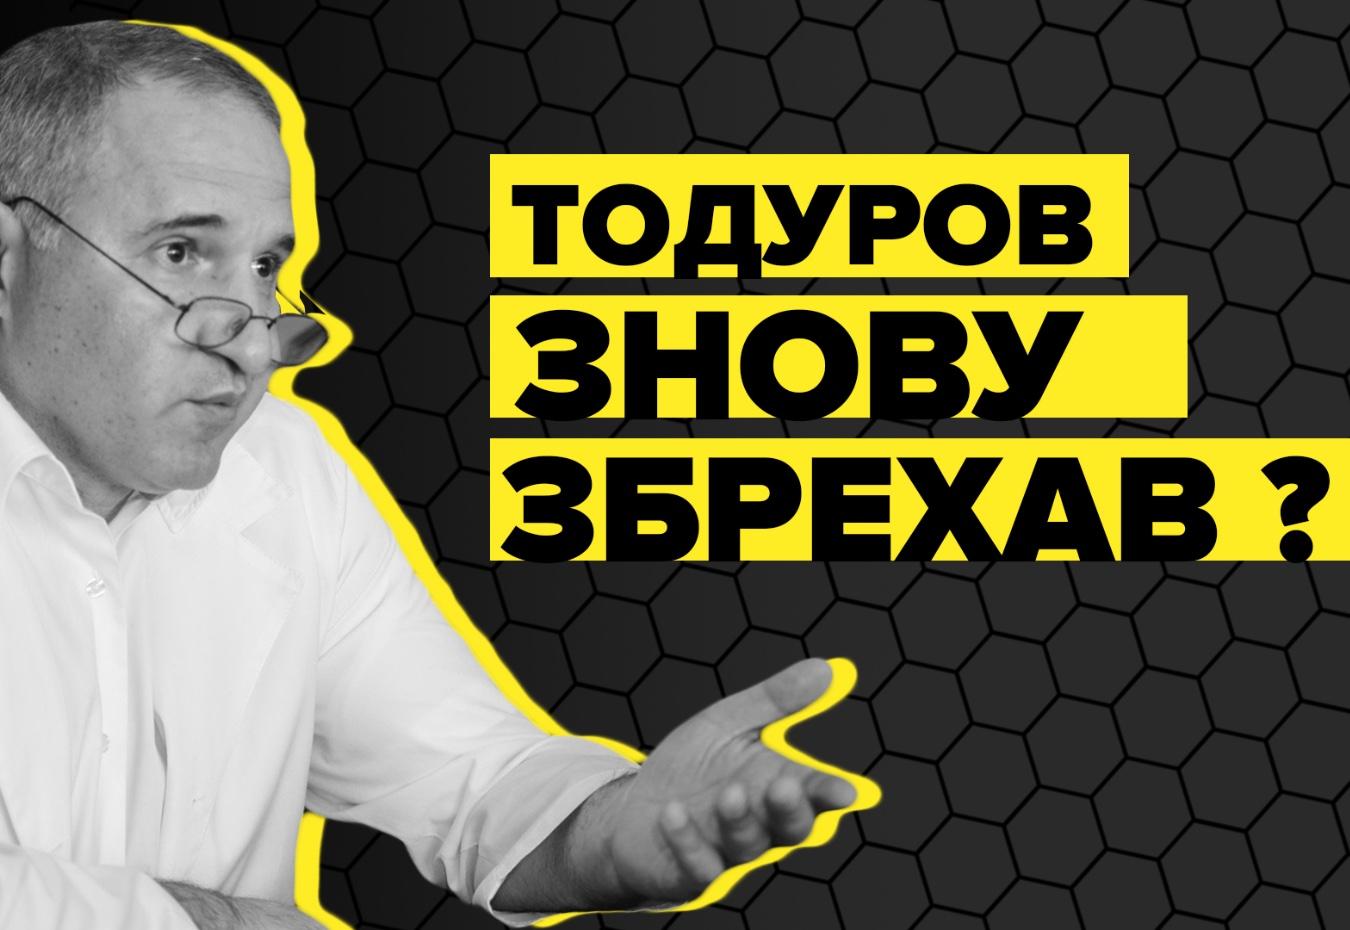 Жодного кроку без Супрун. Експрес-перевірка чергового інтерв'ю Бориса Тодурова